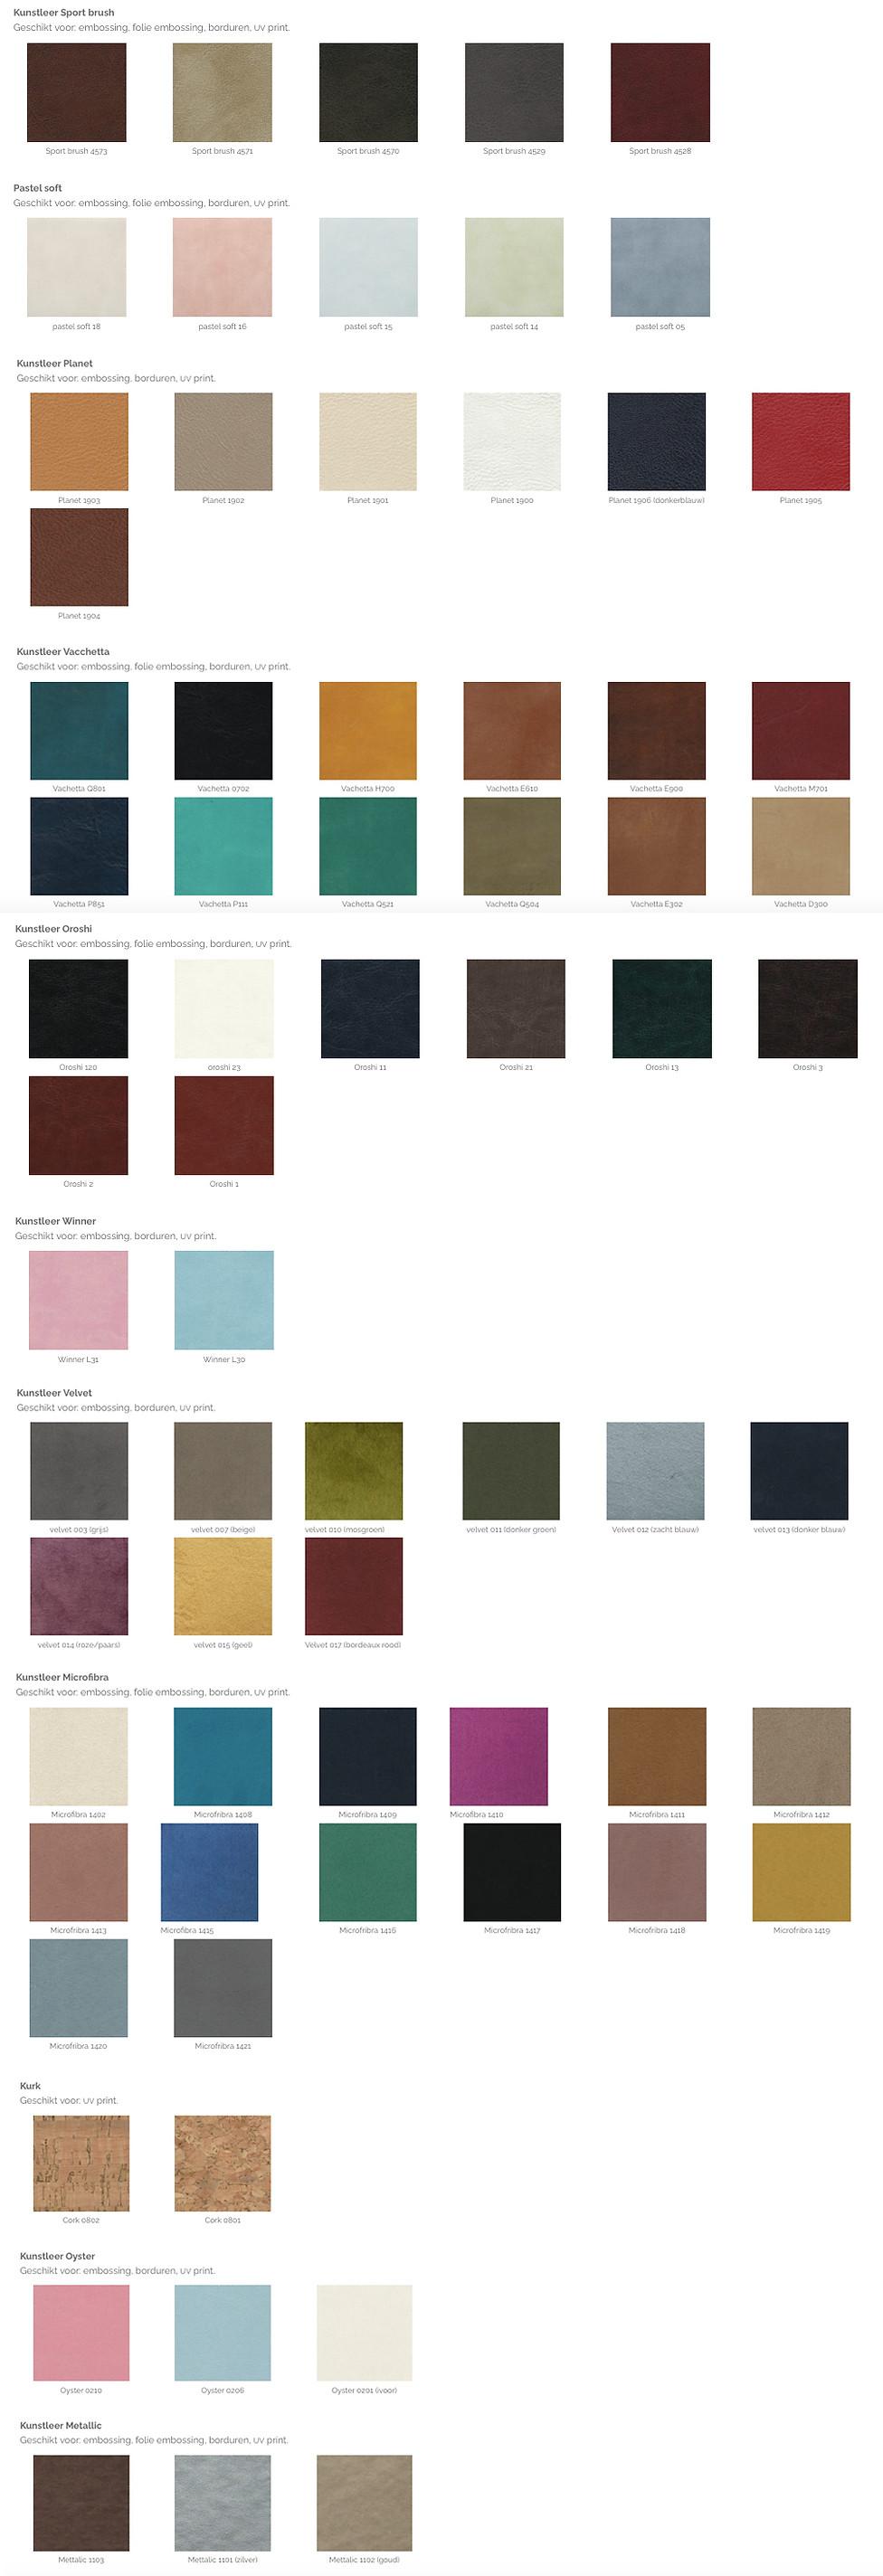 Kunstleer kleuren.jpg